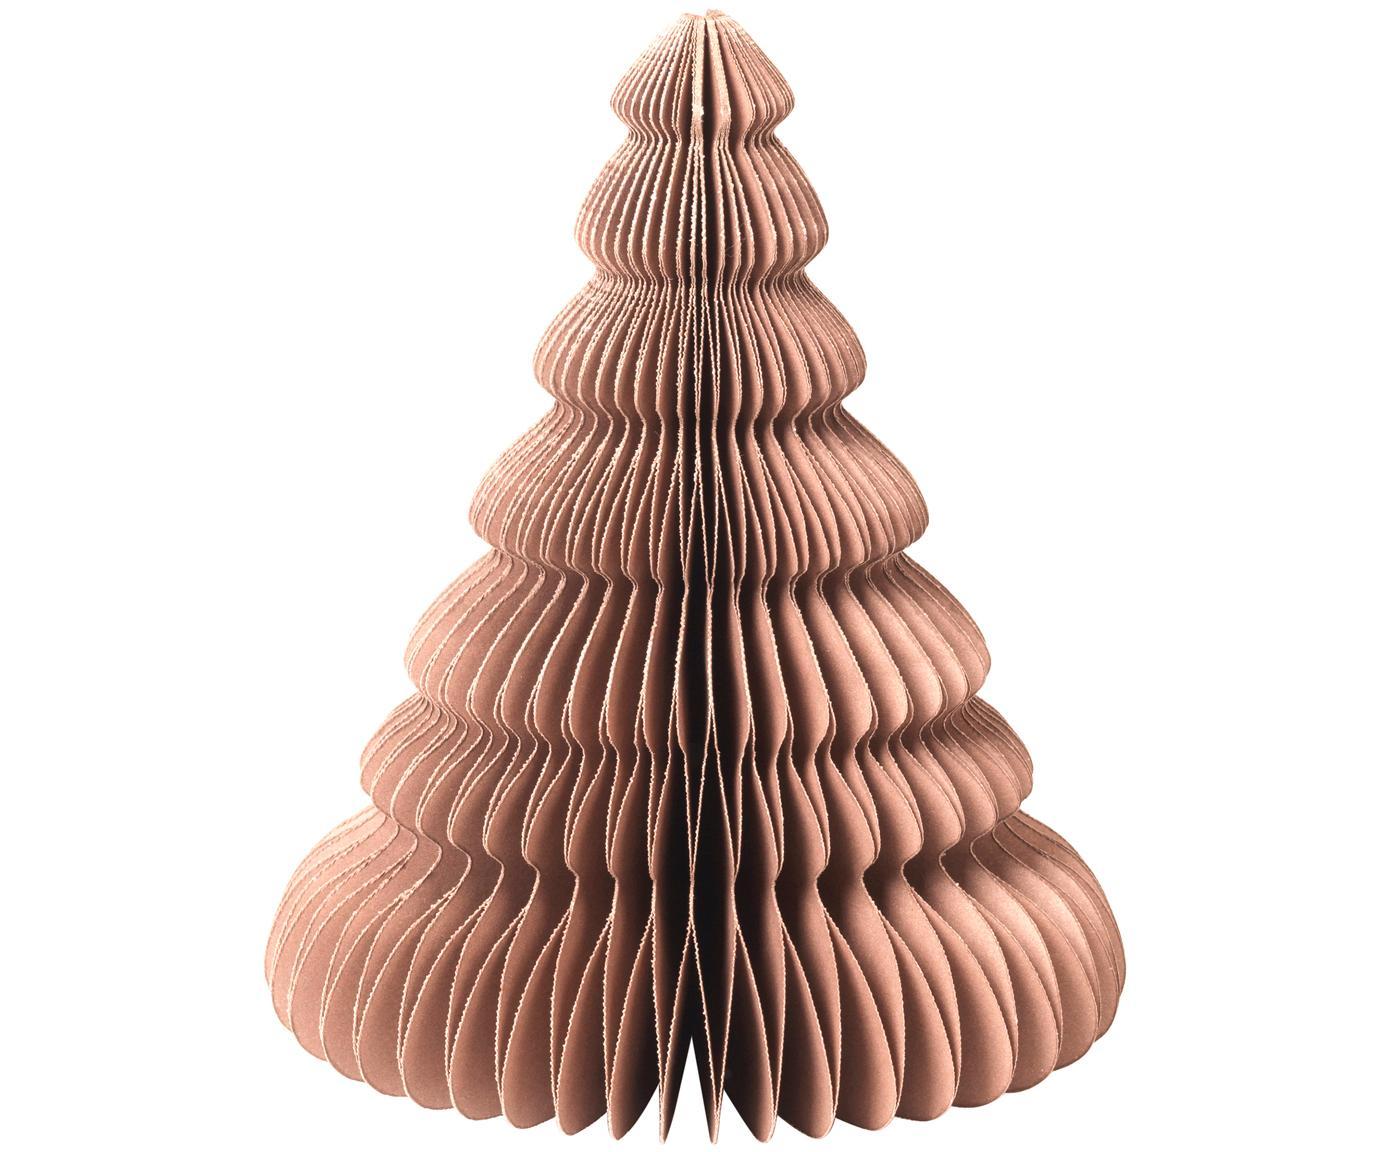 Dekoracja Paper Pine, Papier, Jasny brązowy, Ø 13 x W 15 cm